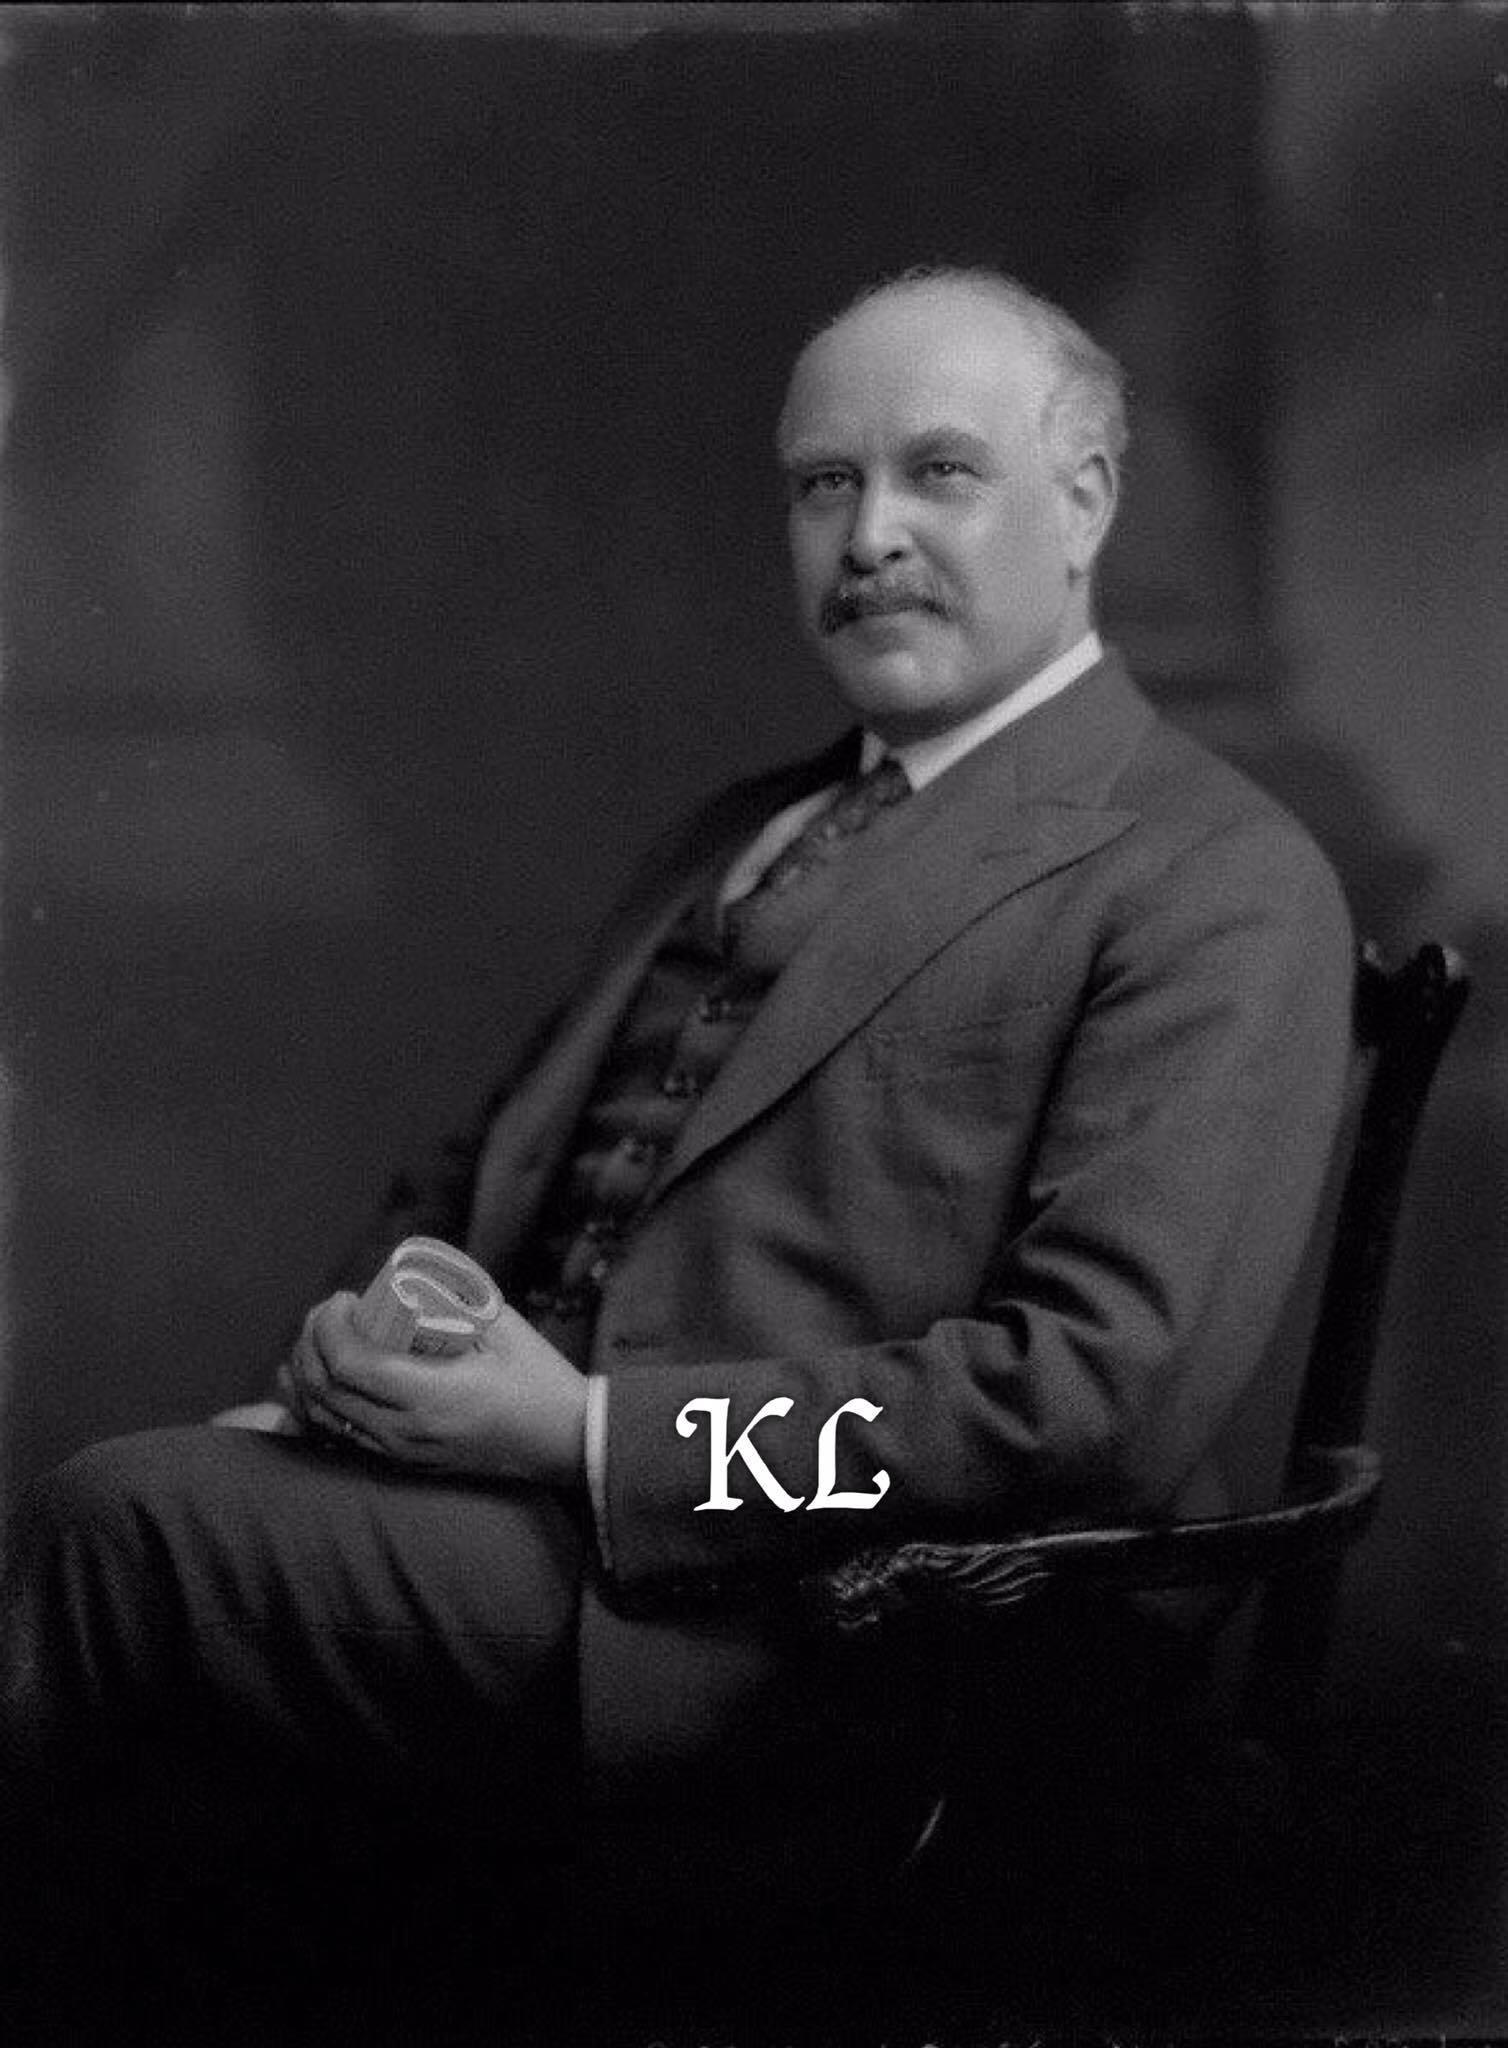 Sir Josiah Stamp, Directeur de la Banque d'Angleterre : 1880-1941 (Réputé 2e fortune d'Angleterre à cette époque 1920.)